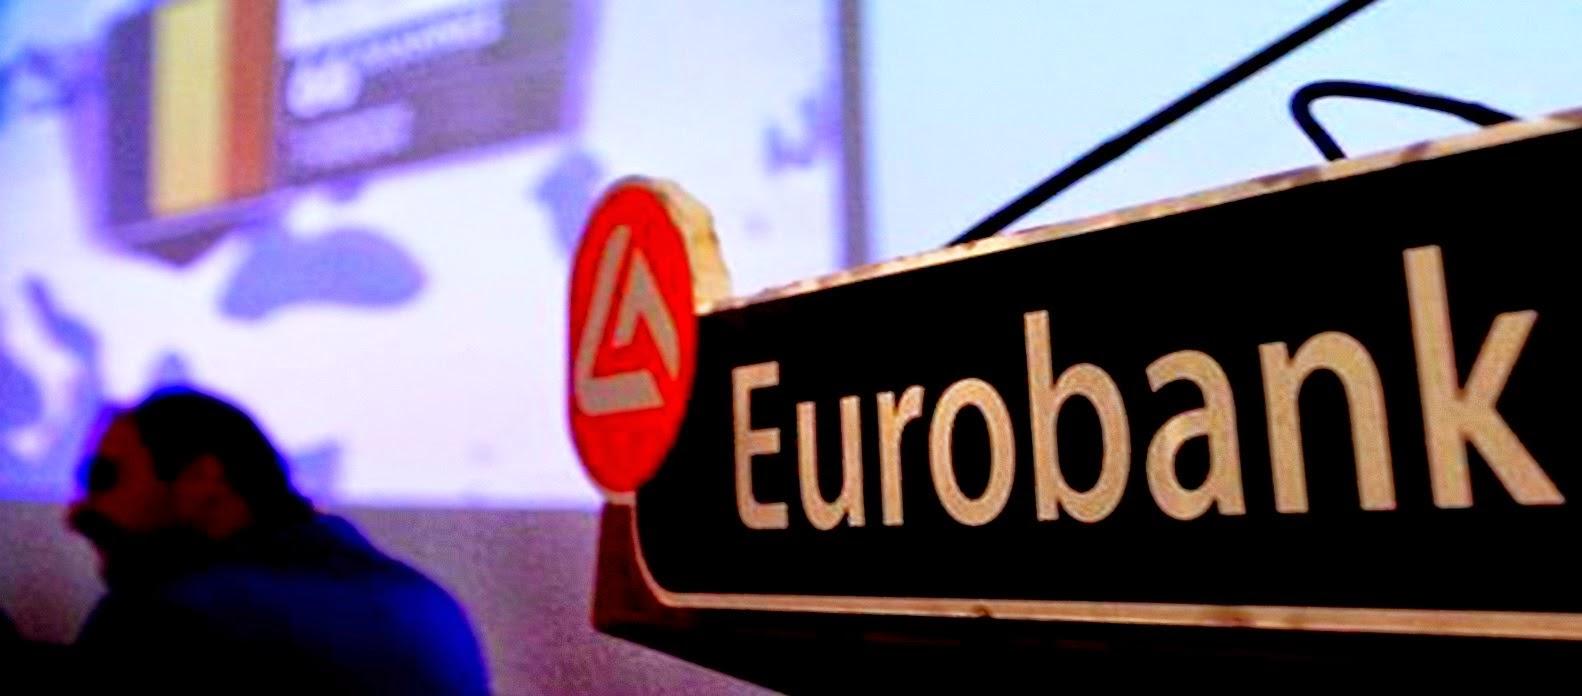 Eurobank: Ένα σκάνδαλο μεταμφιεσμένο σε success story. Του Γιάννη Βαρουφάκη